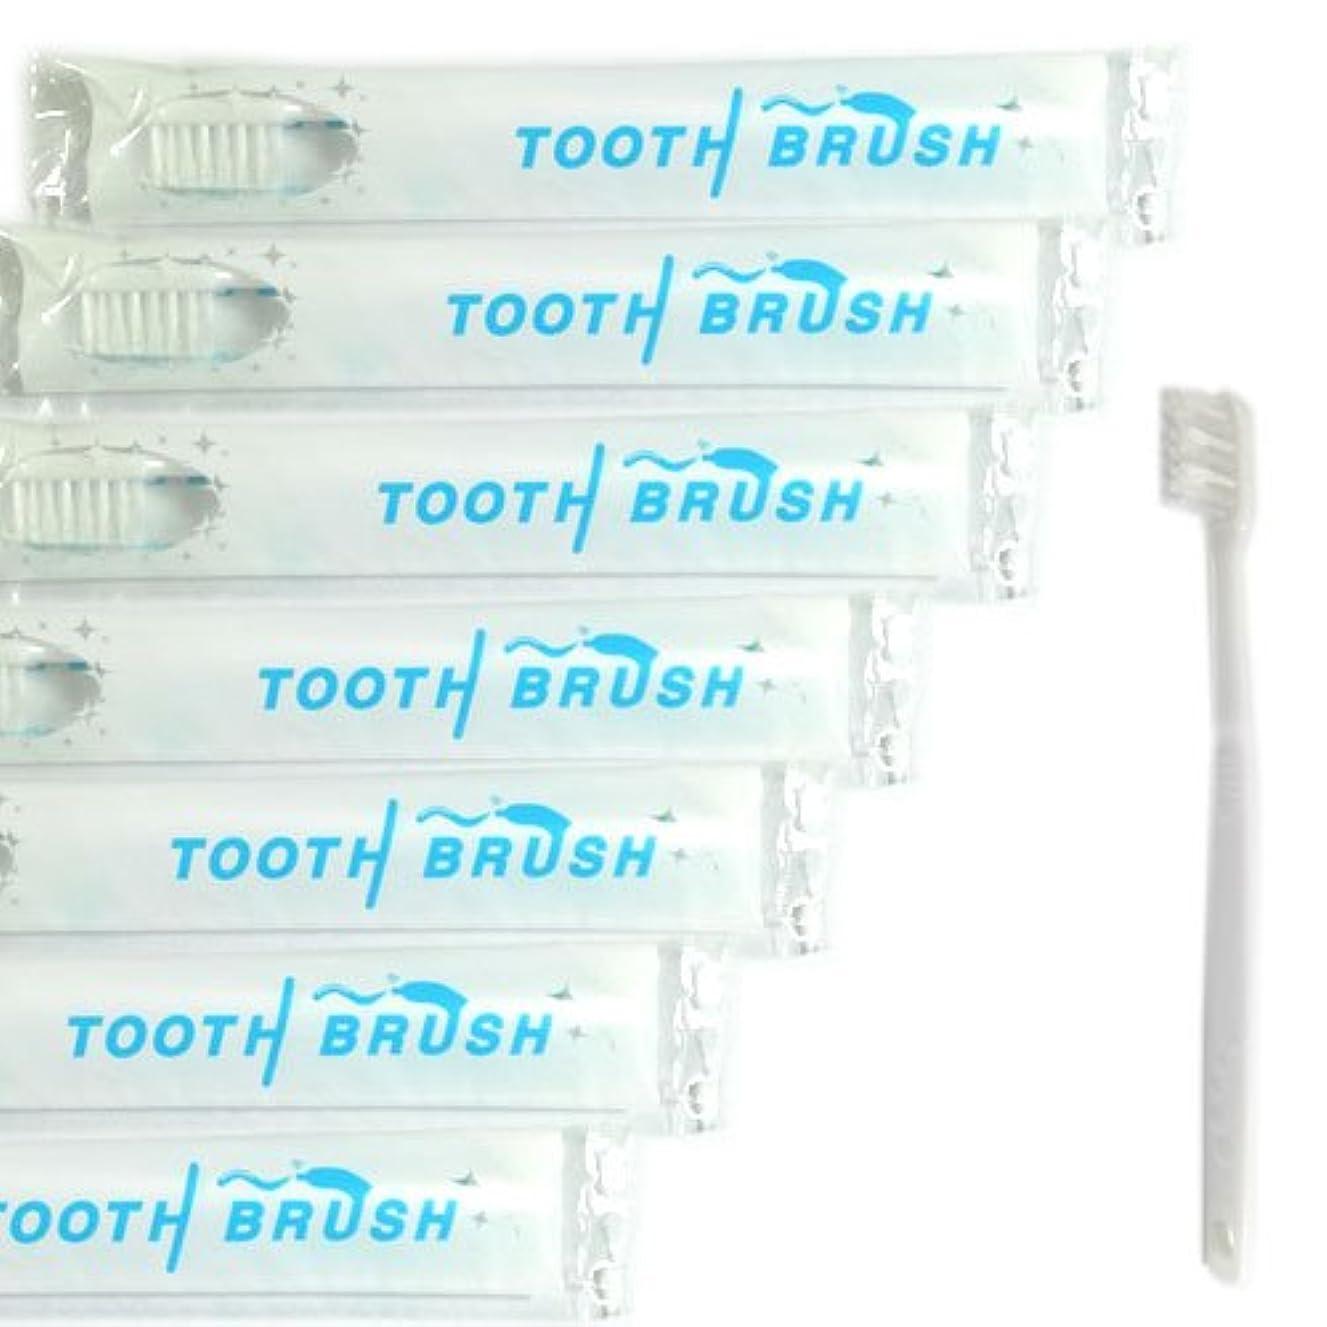 差別化する前件胚芽業務用 使い捨て(インスタント) 粉付き歯ブラシ(100本組) 予備付き